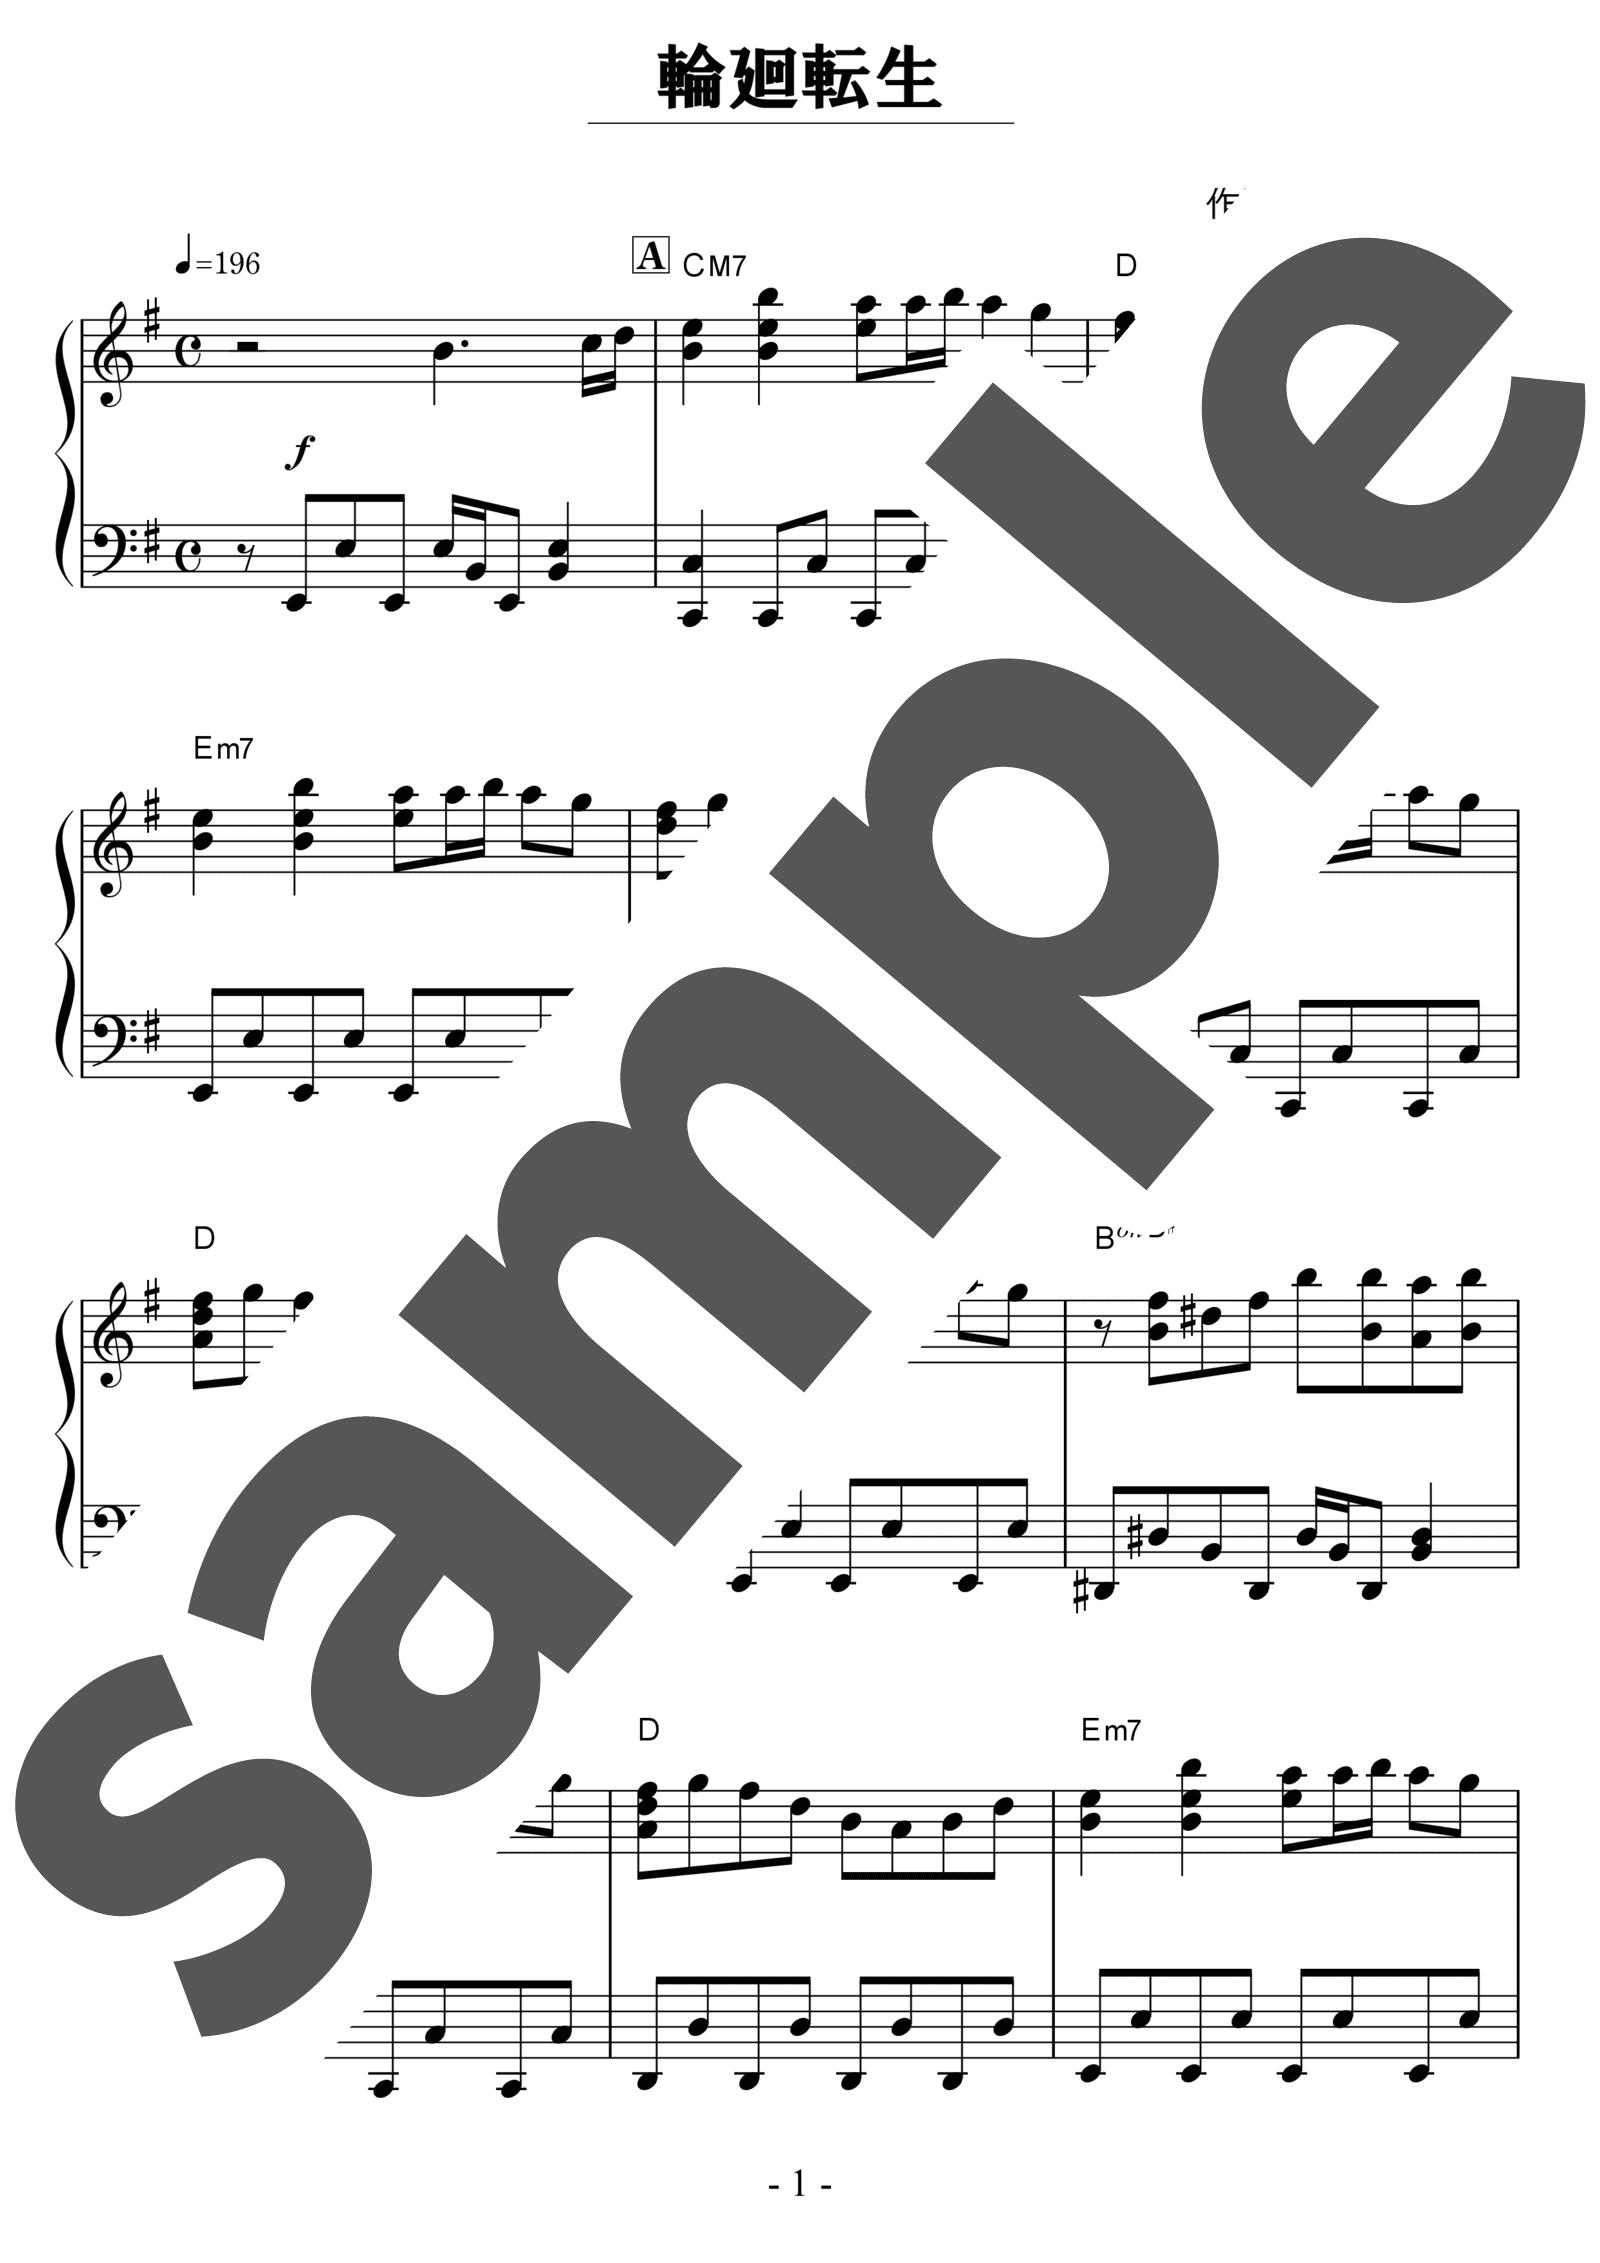 「輪廻転生」のサンプル楽譜